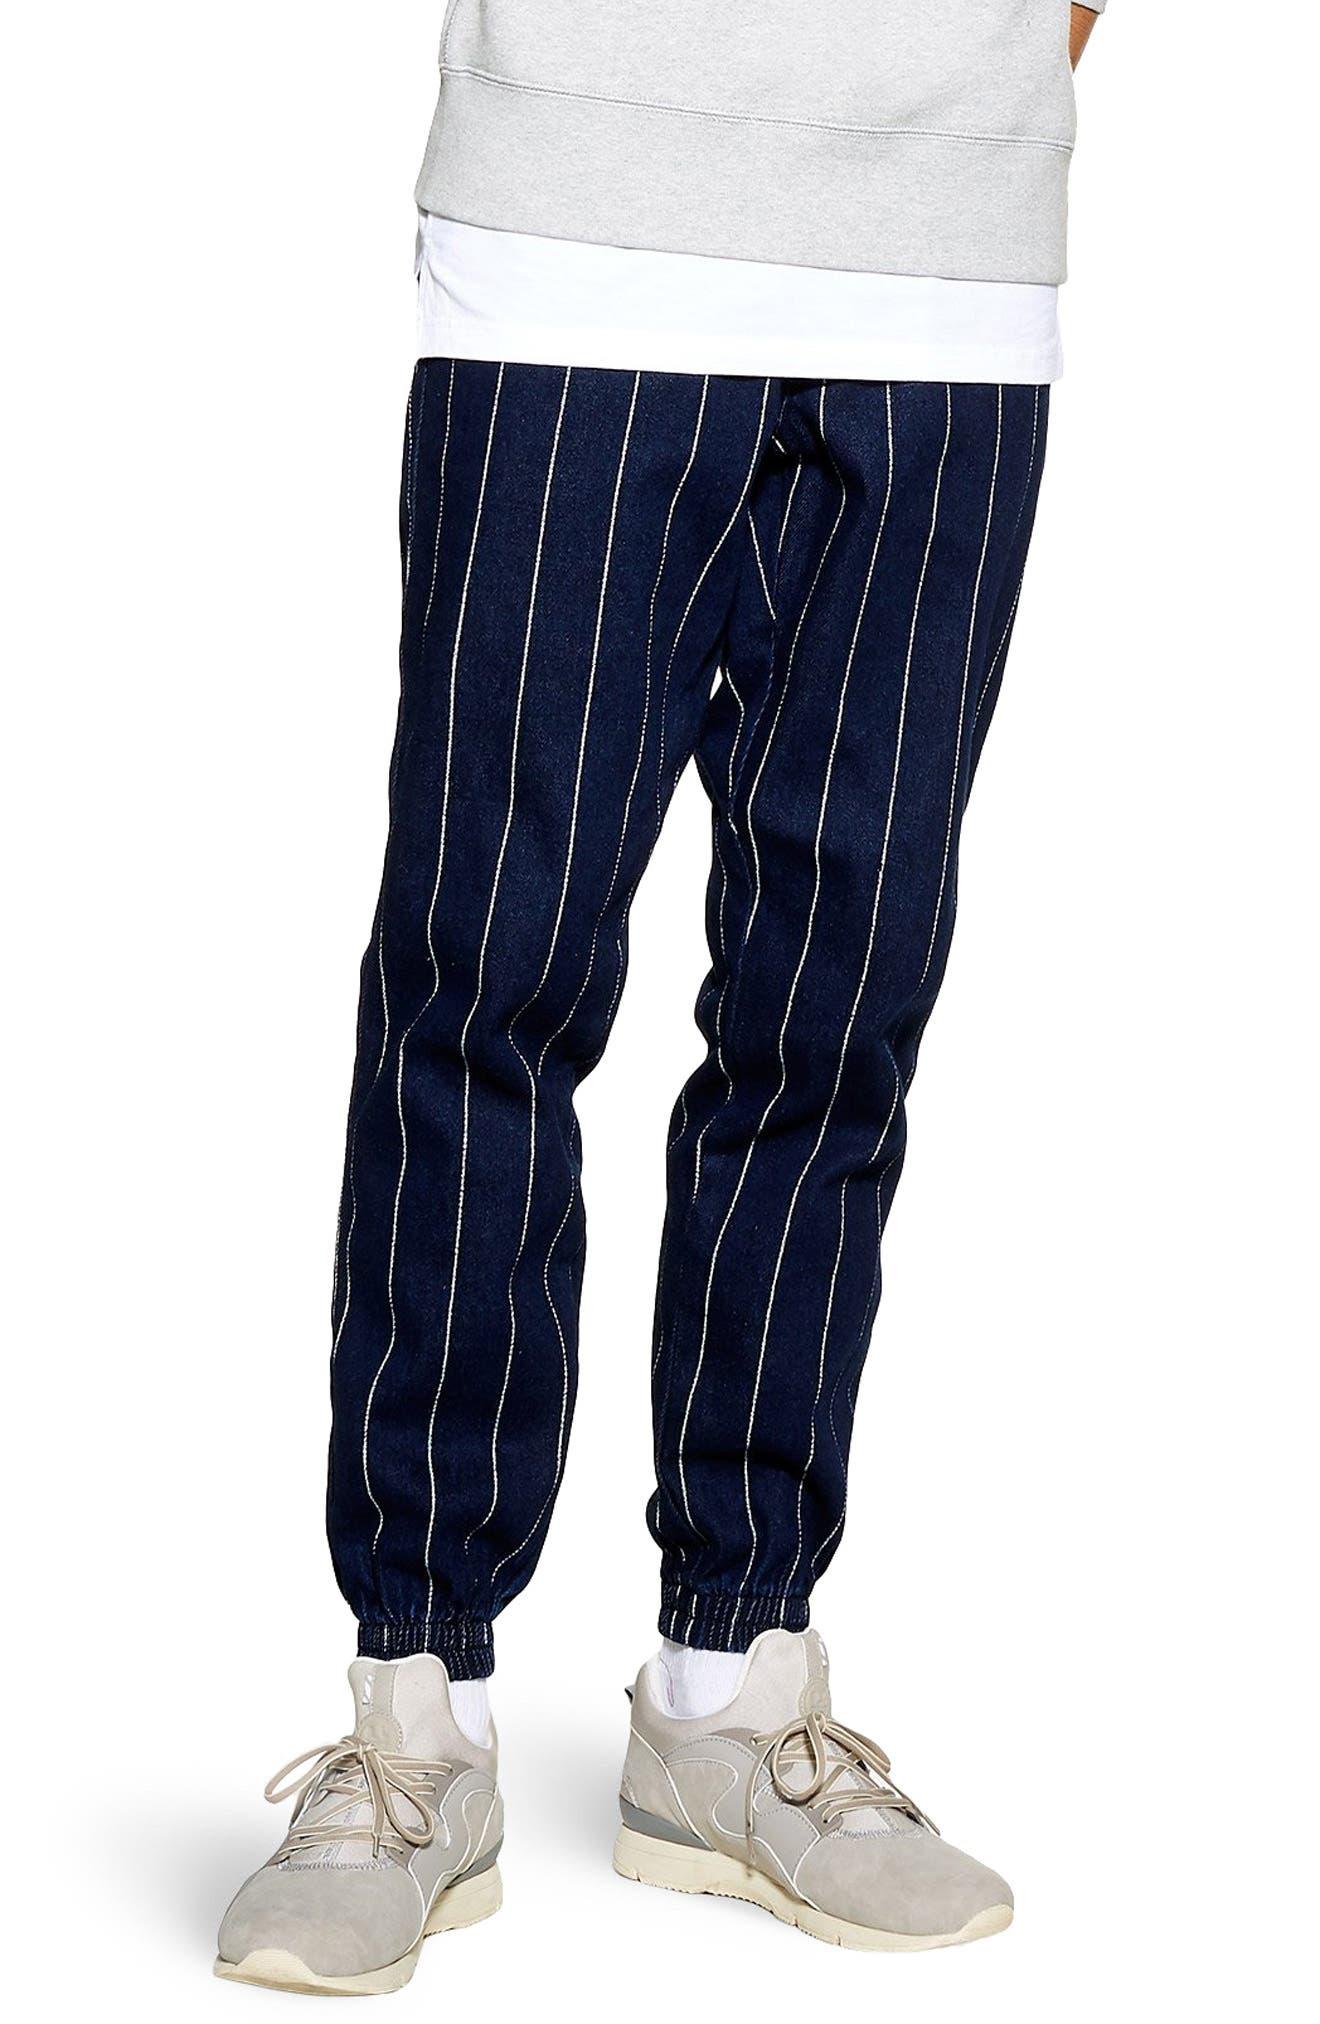 TOPMAN, Stripe Jogger Pants, Main thumbnail 1, color, DARK BLUE